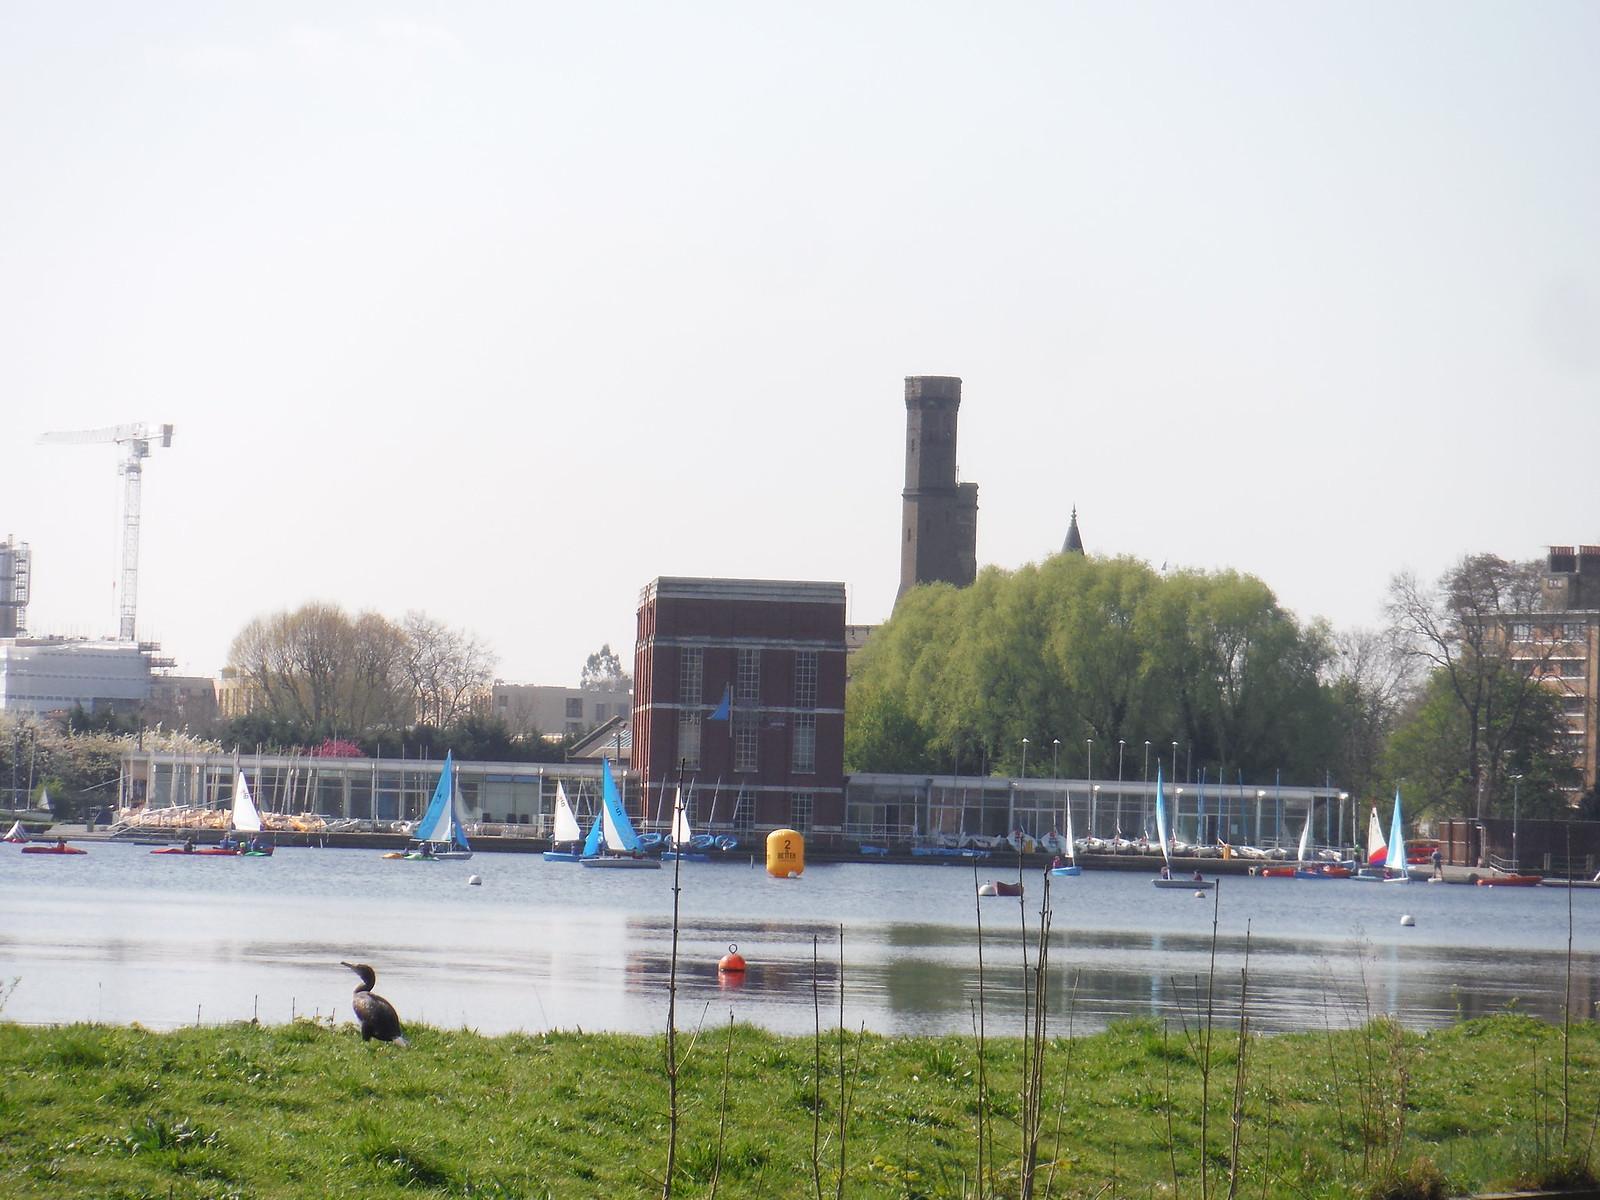 West Reservoir Centre, Stoke Newington SWC Short Walk 26 - Woodberry Wetlands (Stoke Newington Reservoirs)